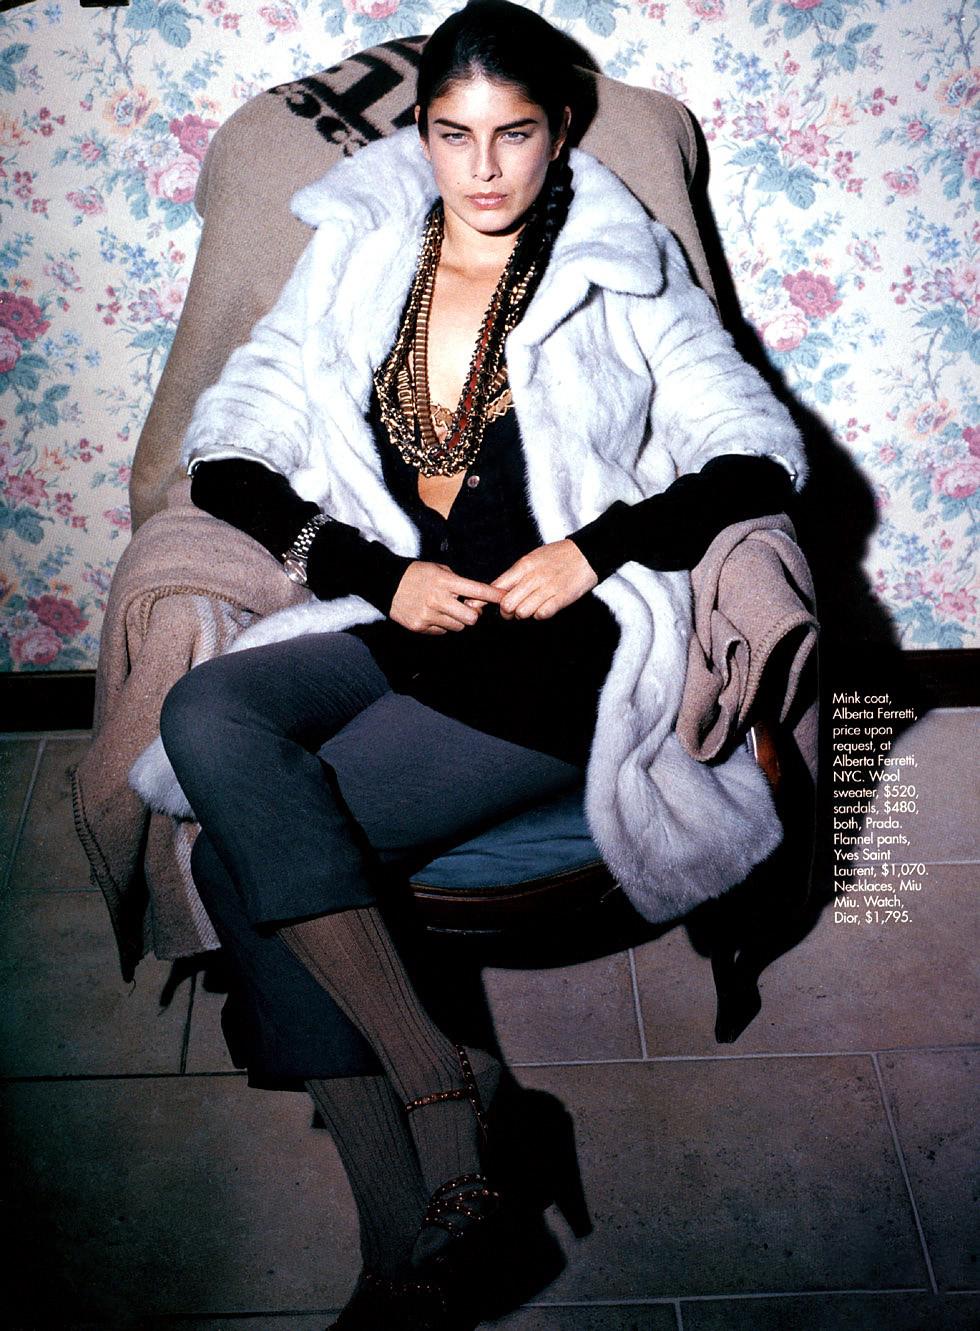 Elle US September 2005 (photography: Manuela Pavesi, styling: Thomas Dunkin)